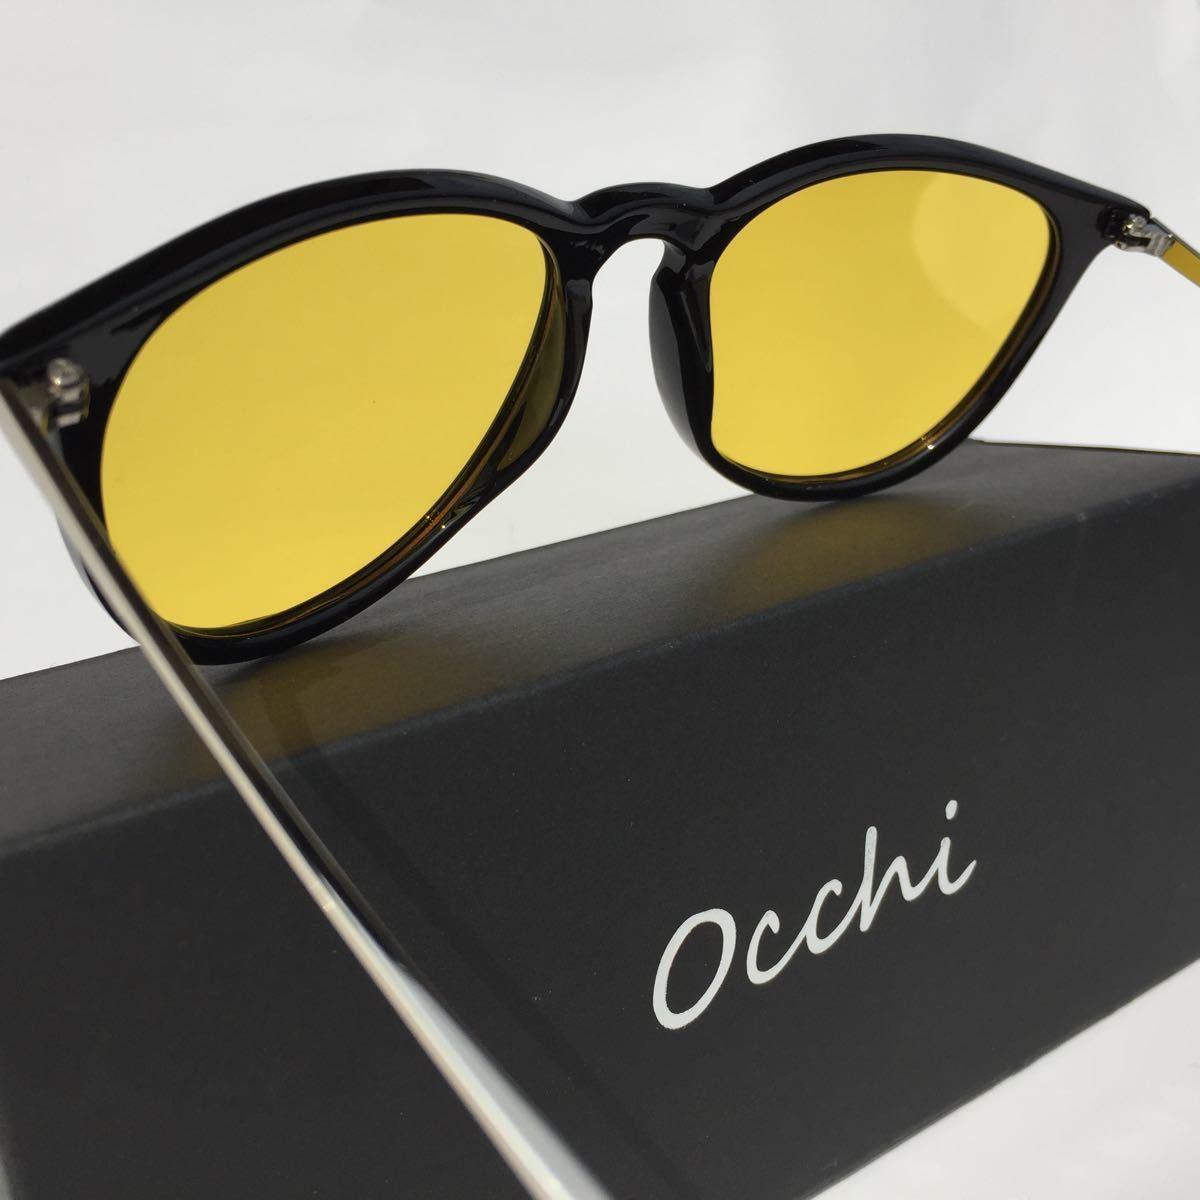 新品 OCCHI 偏光サングラス レンズUV400 イエローレンズ